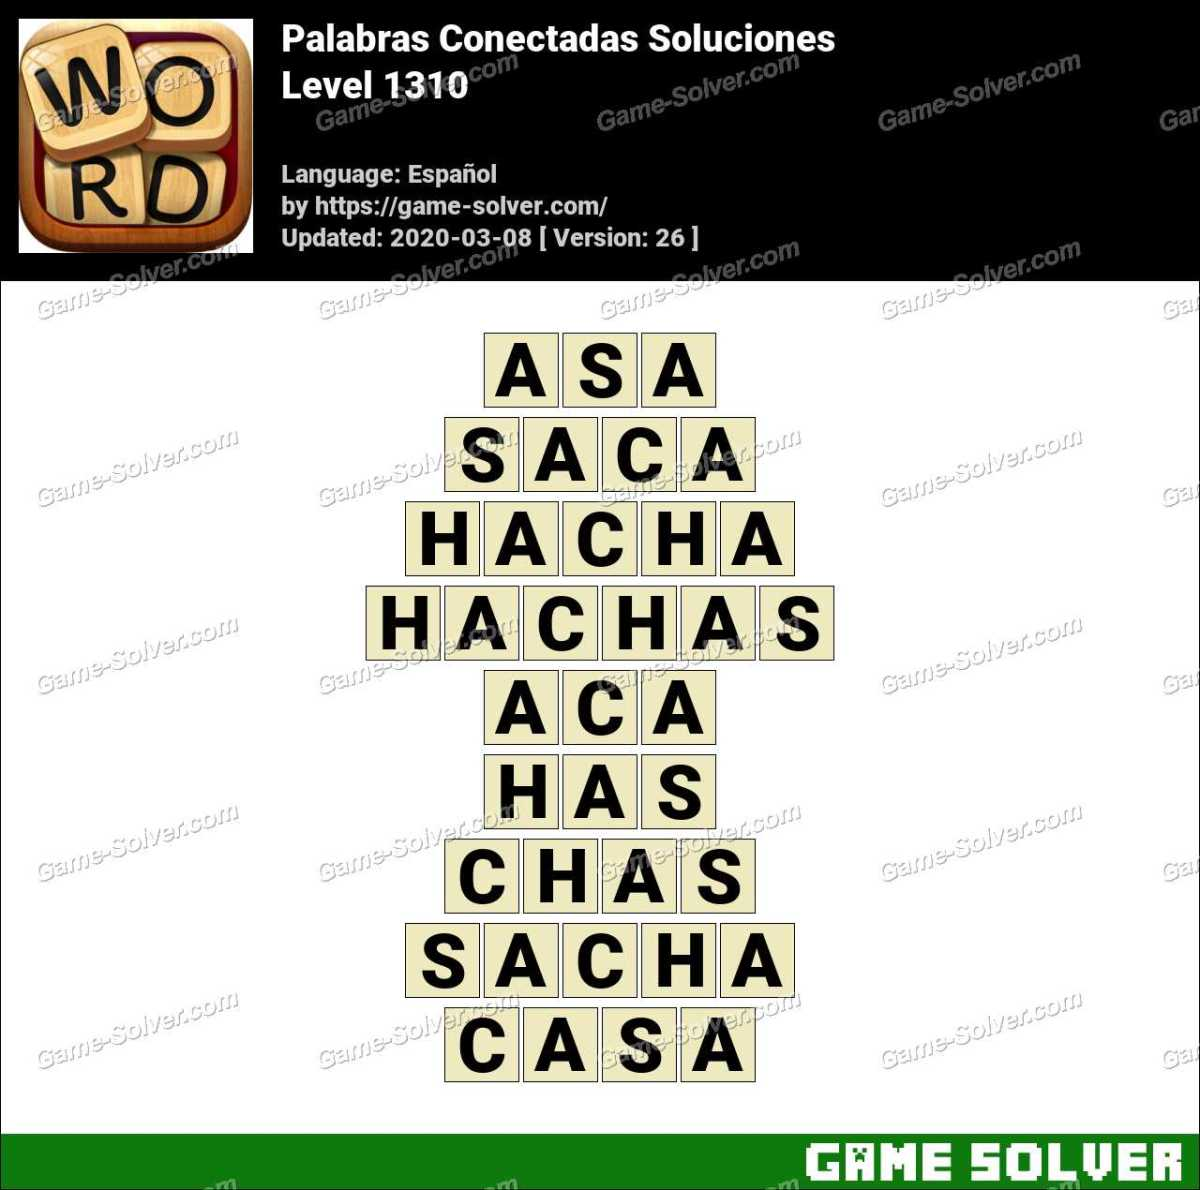 Palabras Conectadas Nivel 1310 Soluciones